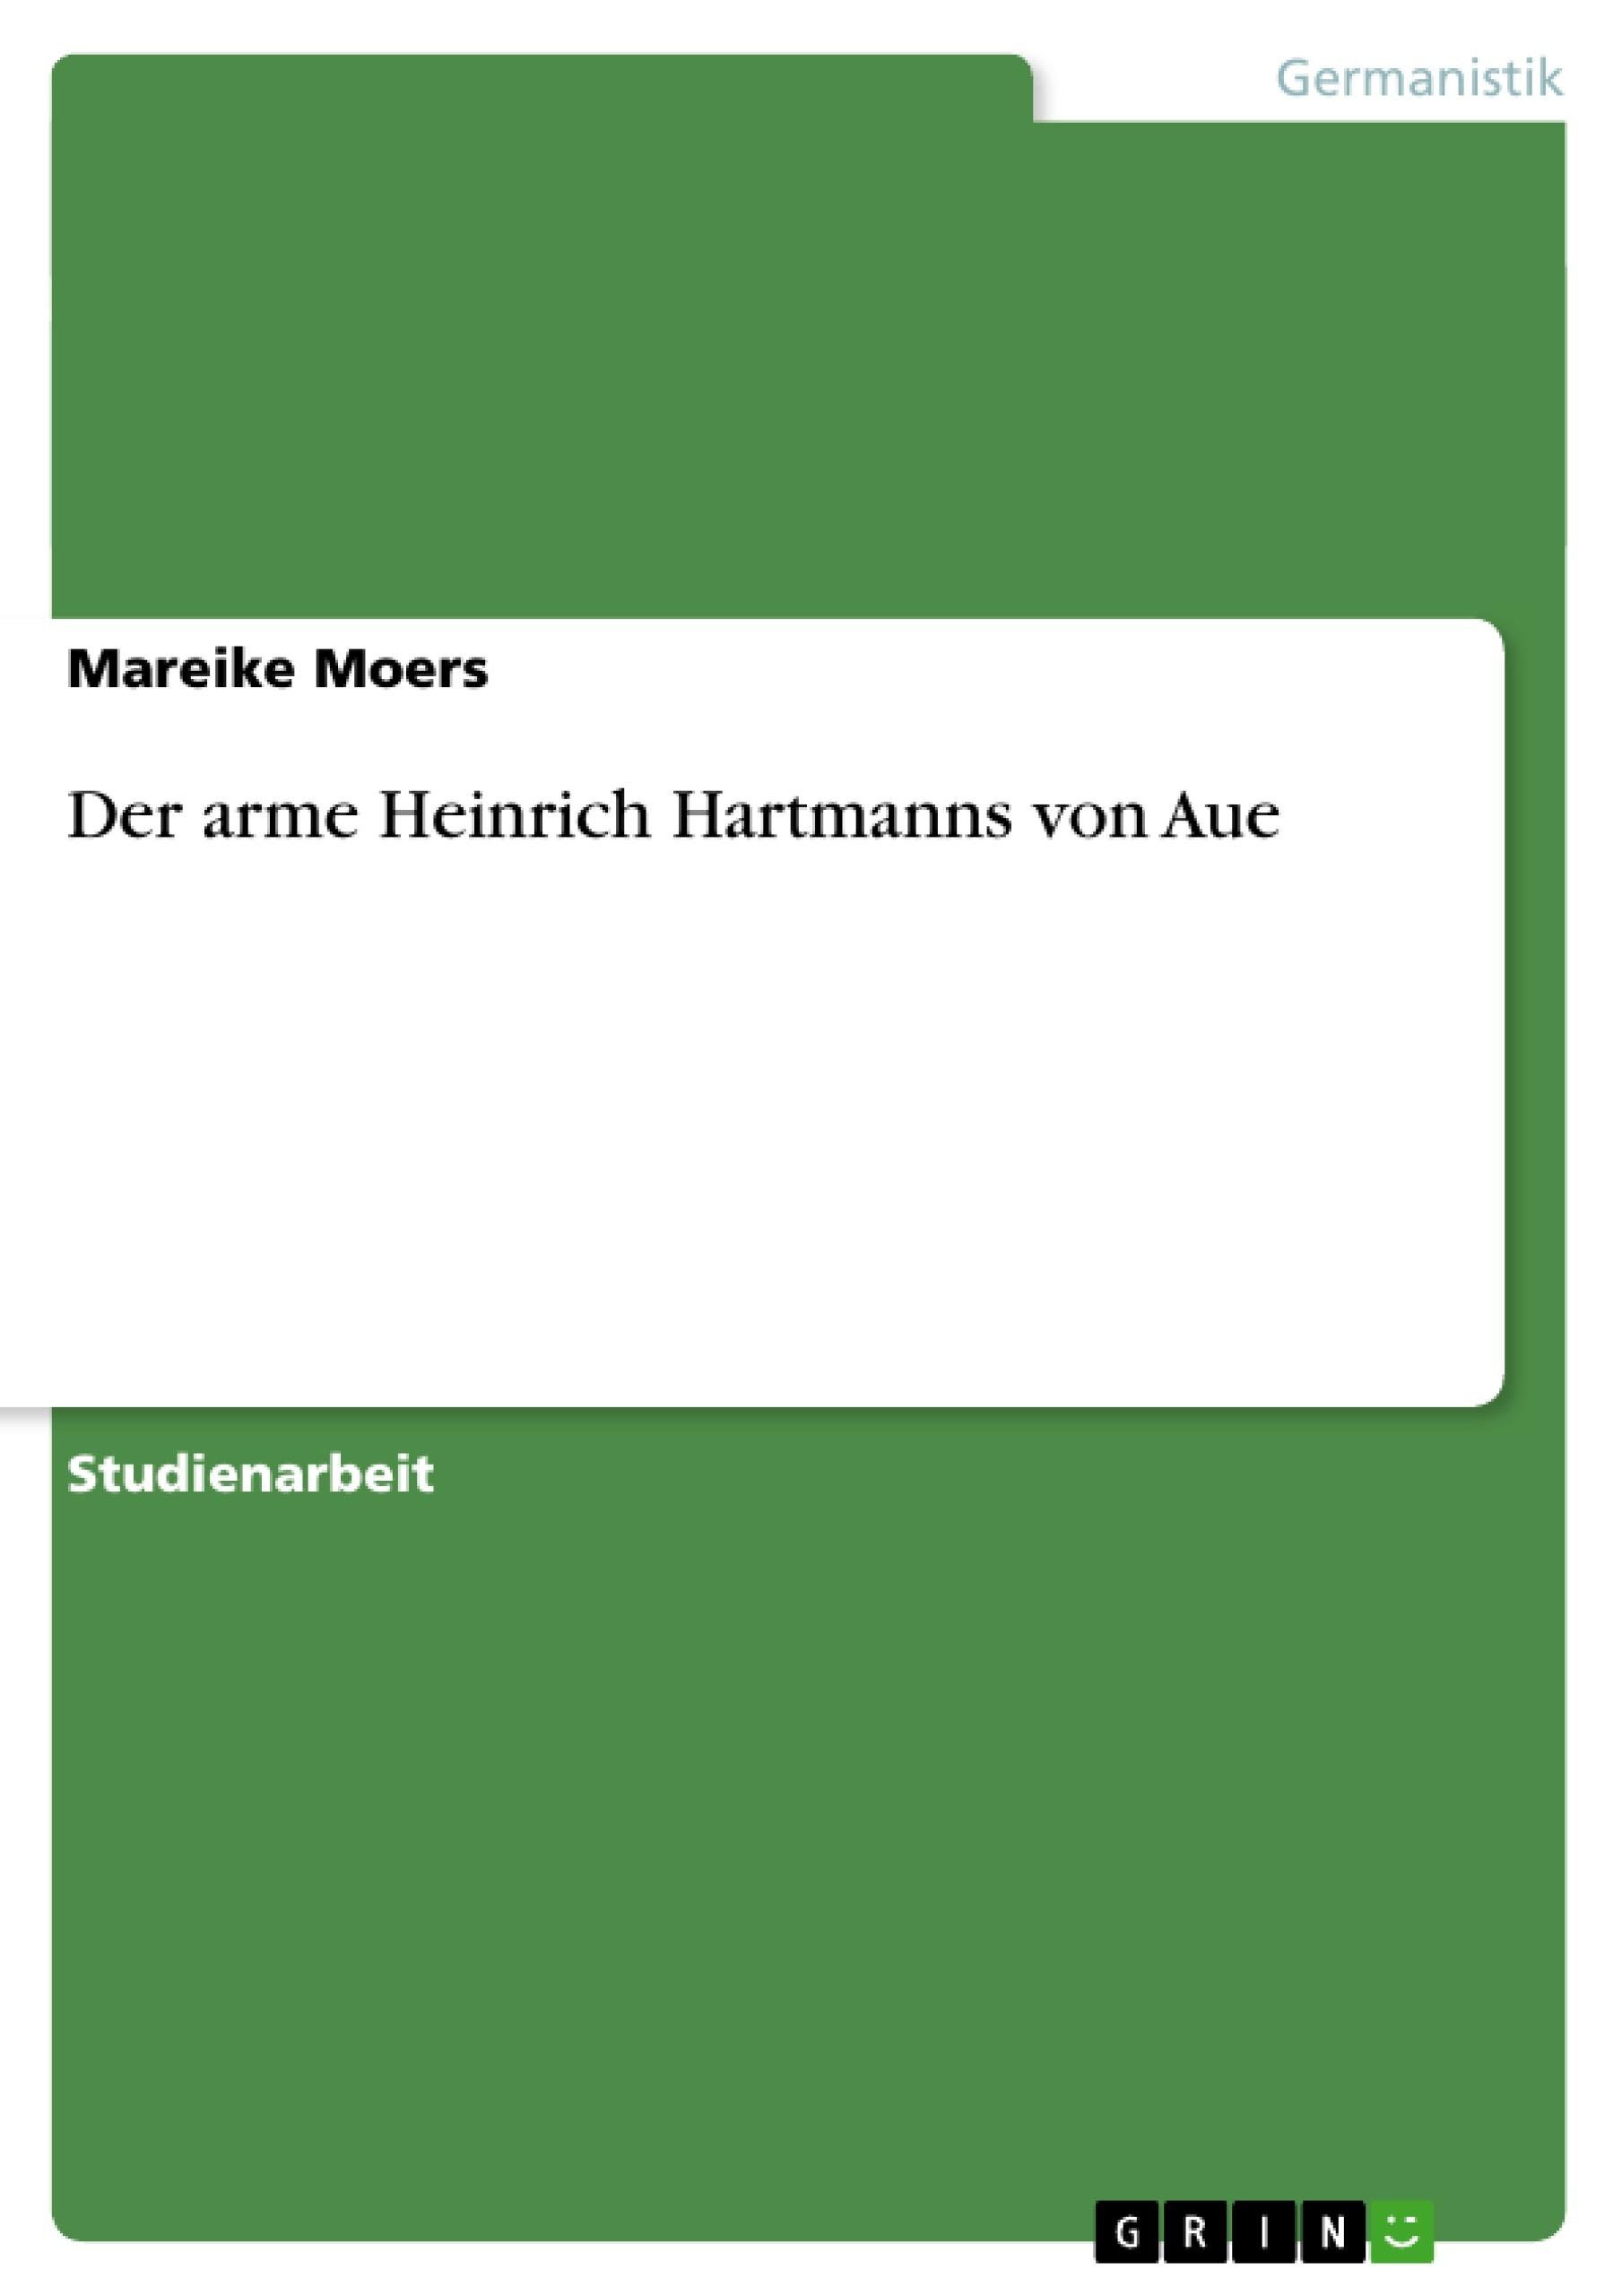 Titel: Der arme Heinrich Hartmanns von Aue